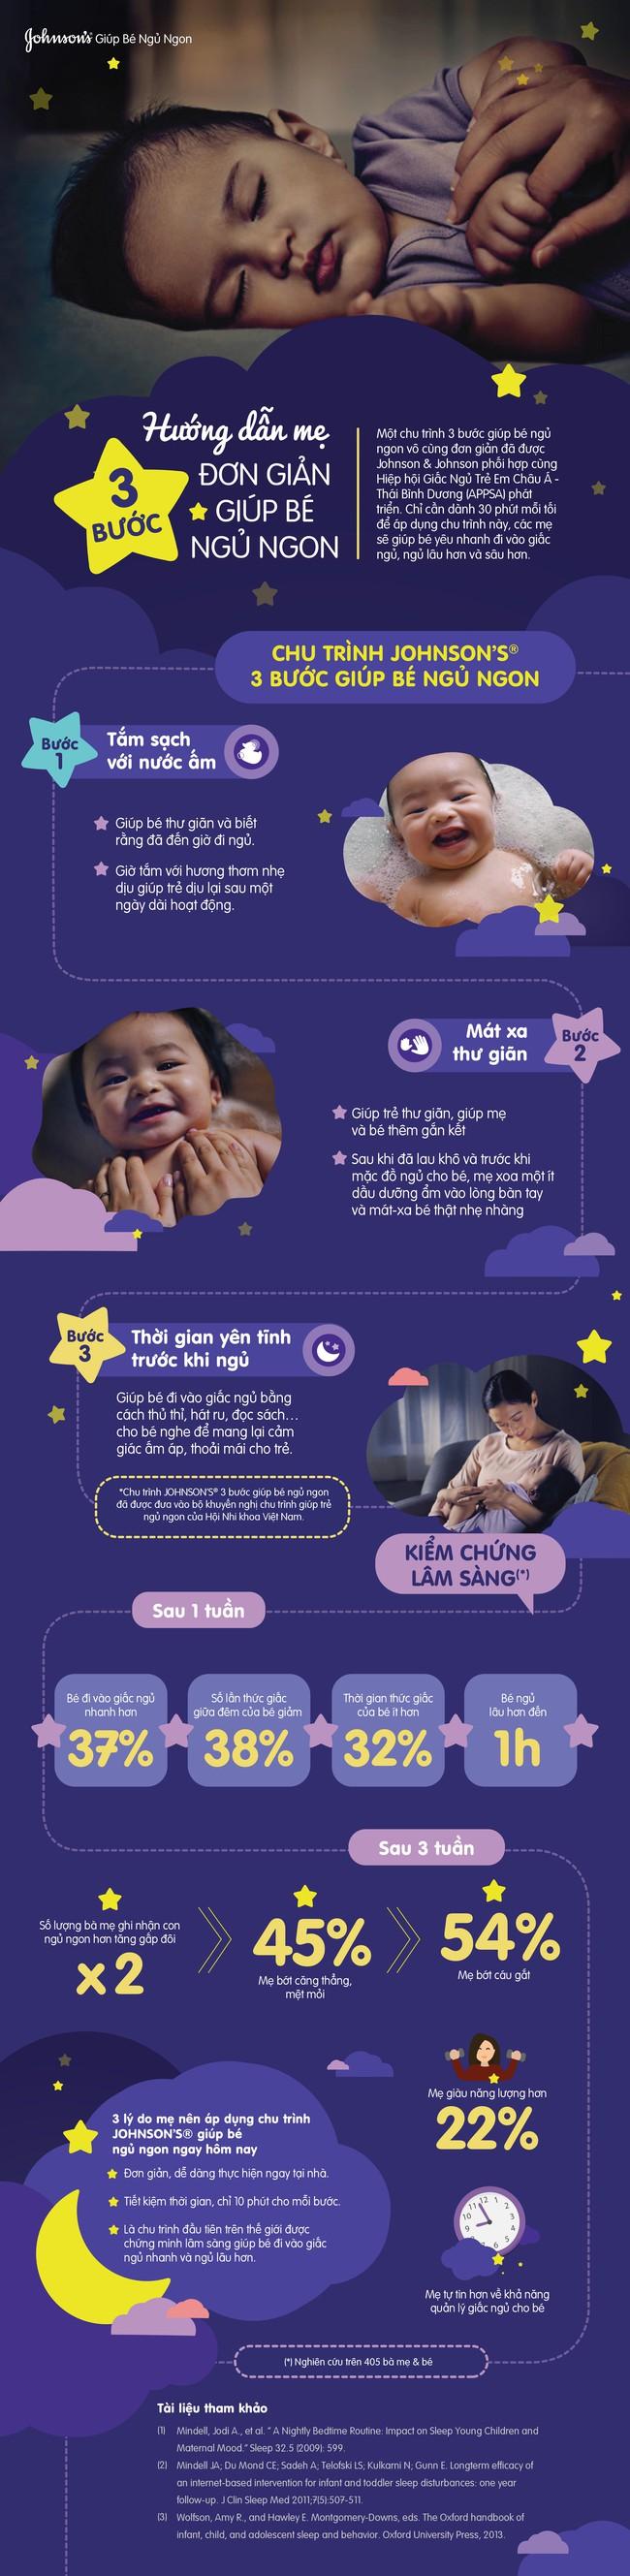 Hướng dẫn mẹ 3 bước để bé ngủ ngon - Ảnh 1.